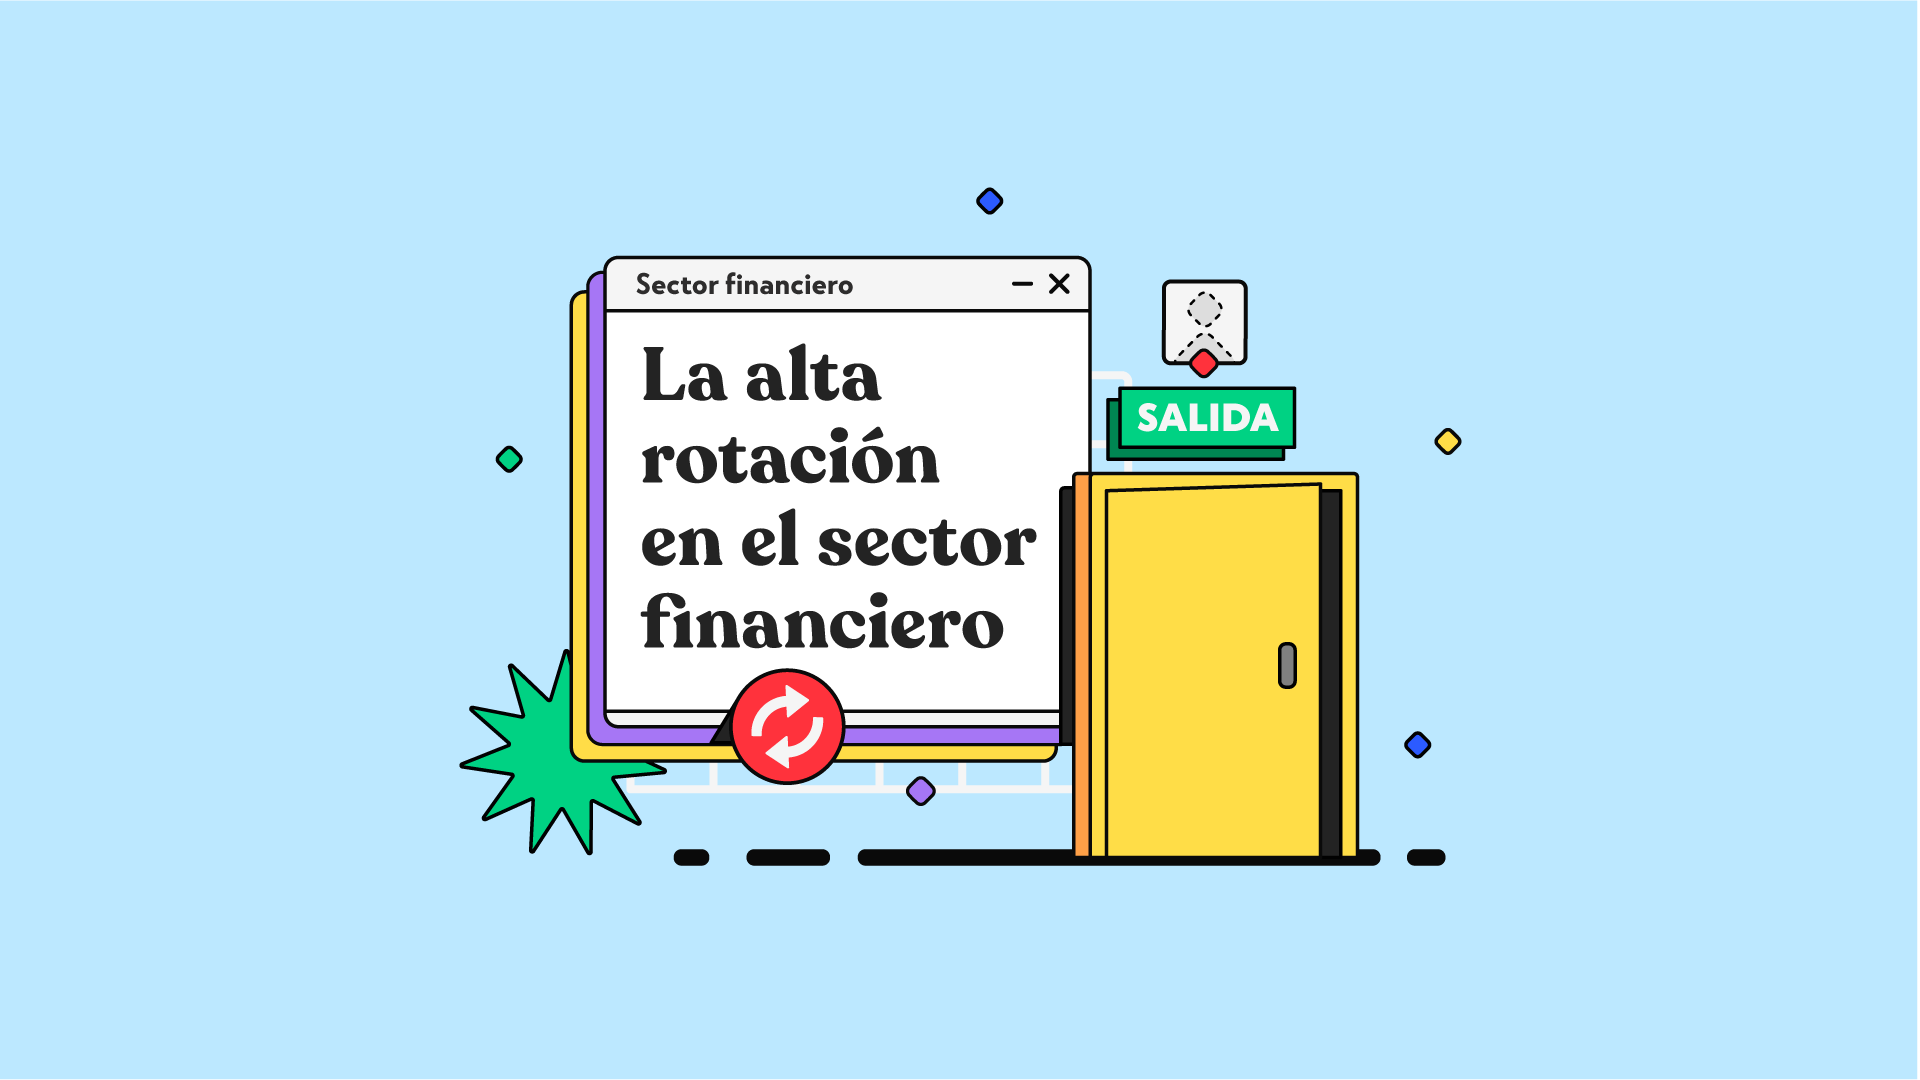 La alta rotación en el sector financiero